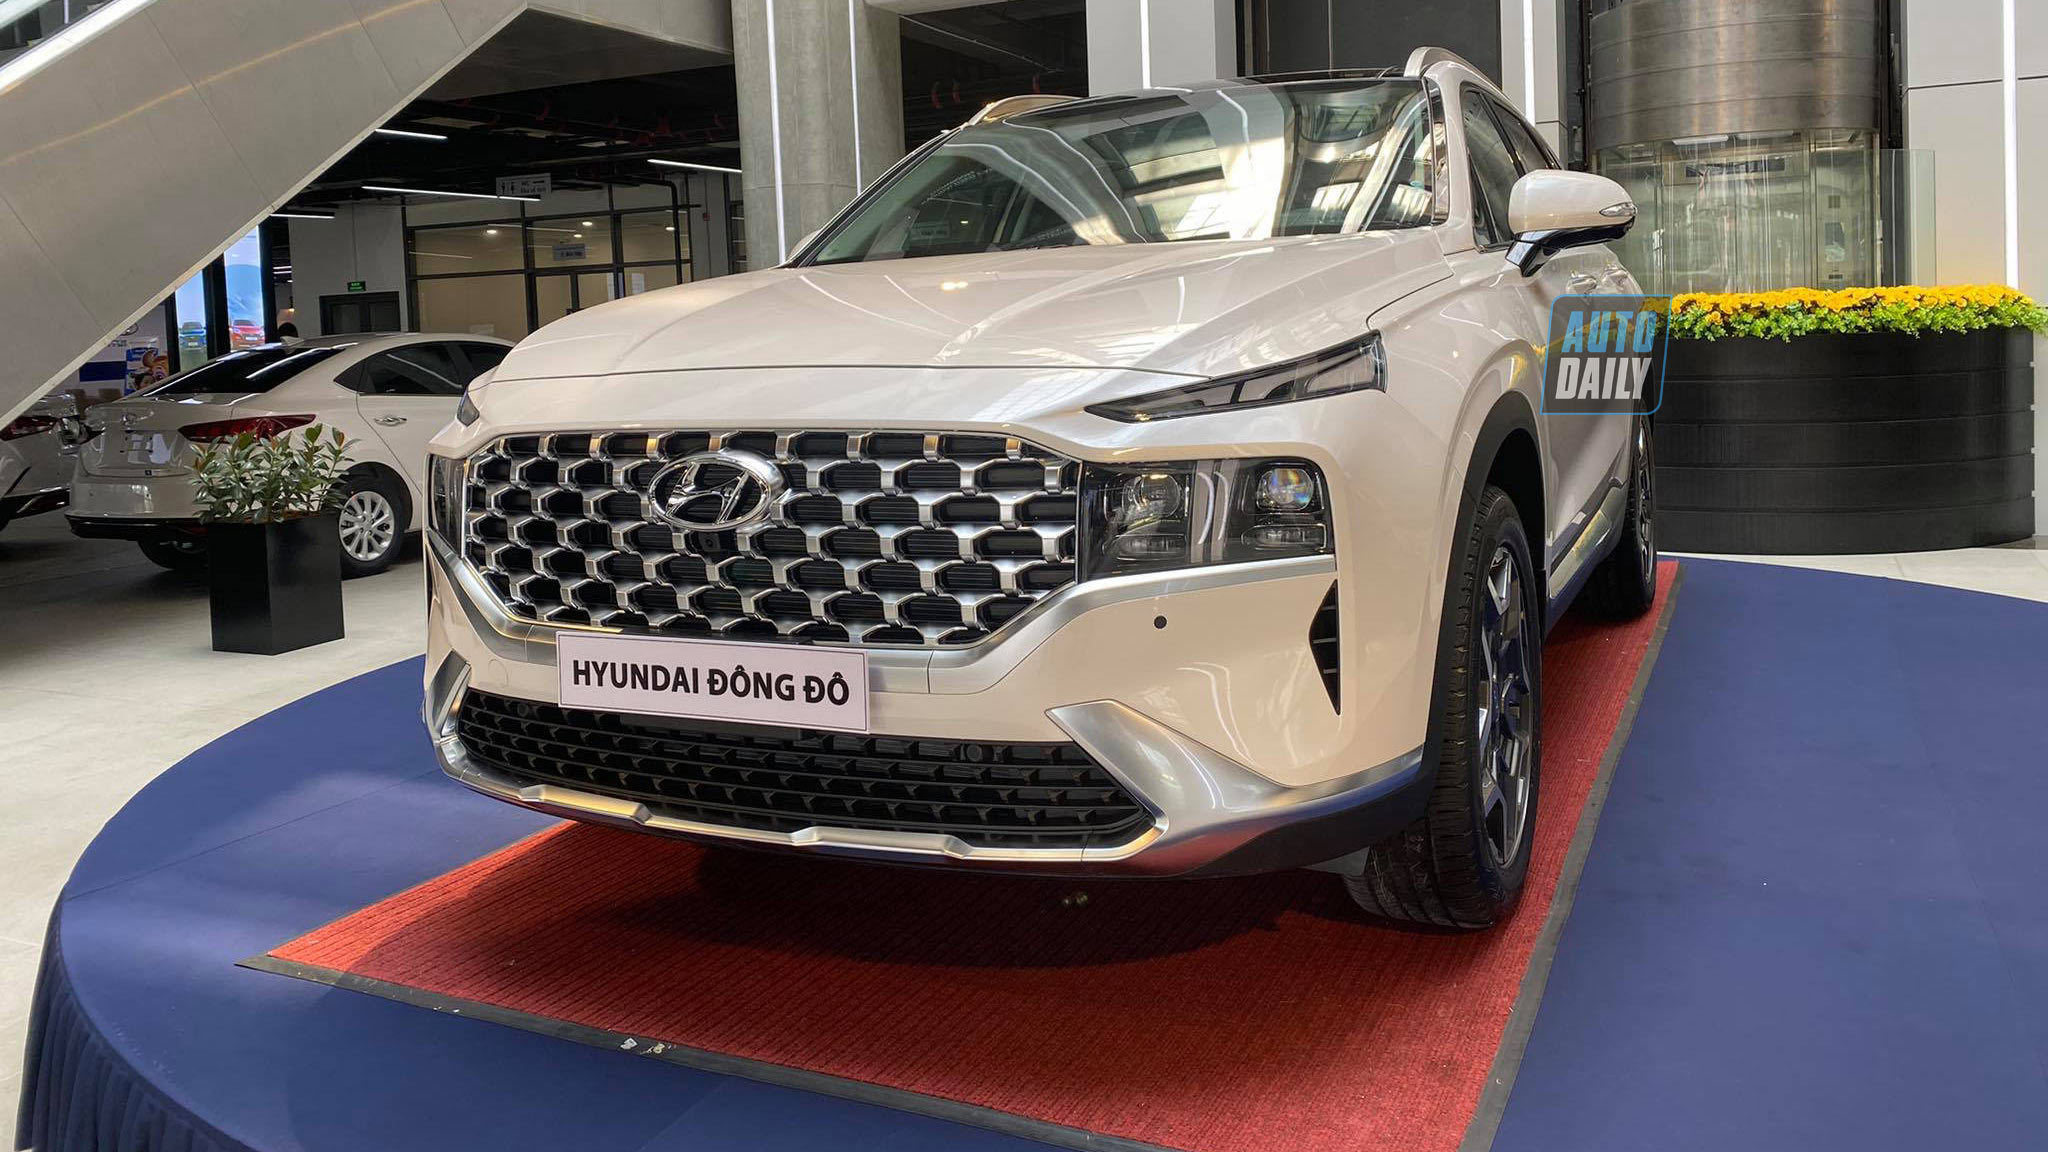 Tầm giá 1,3 tỷ đồng, chọn Hyundai Santa Fe 2021 hay Kia Sorento 2021?